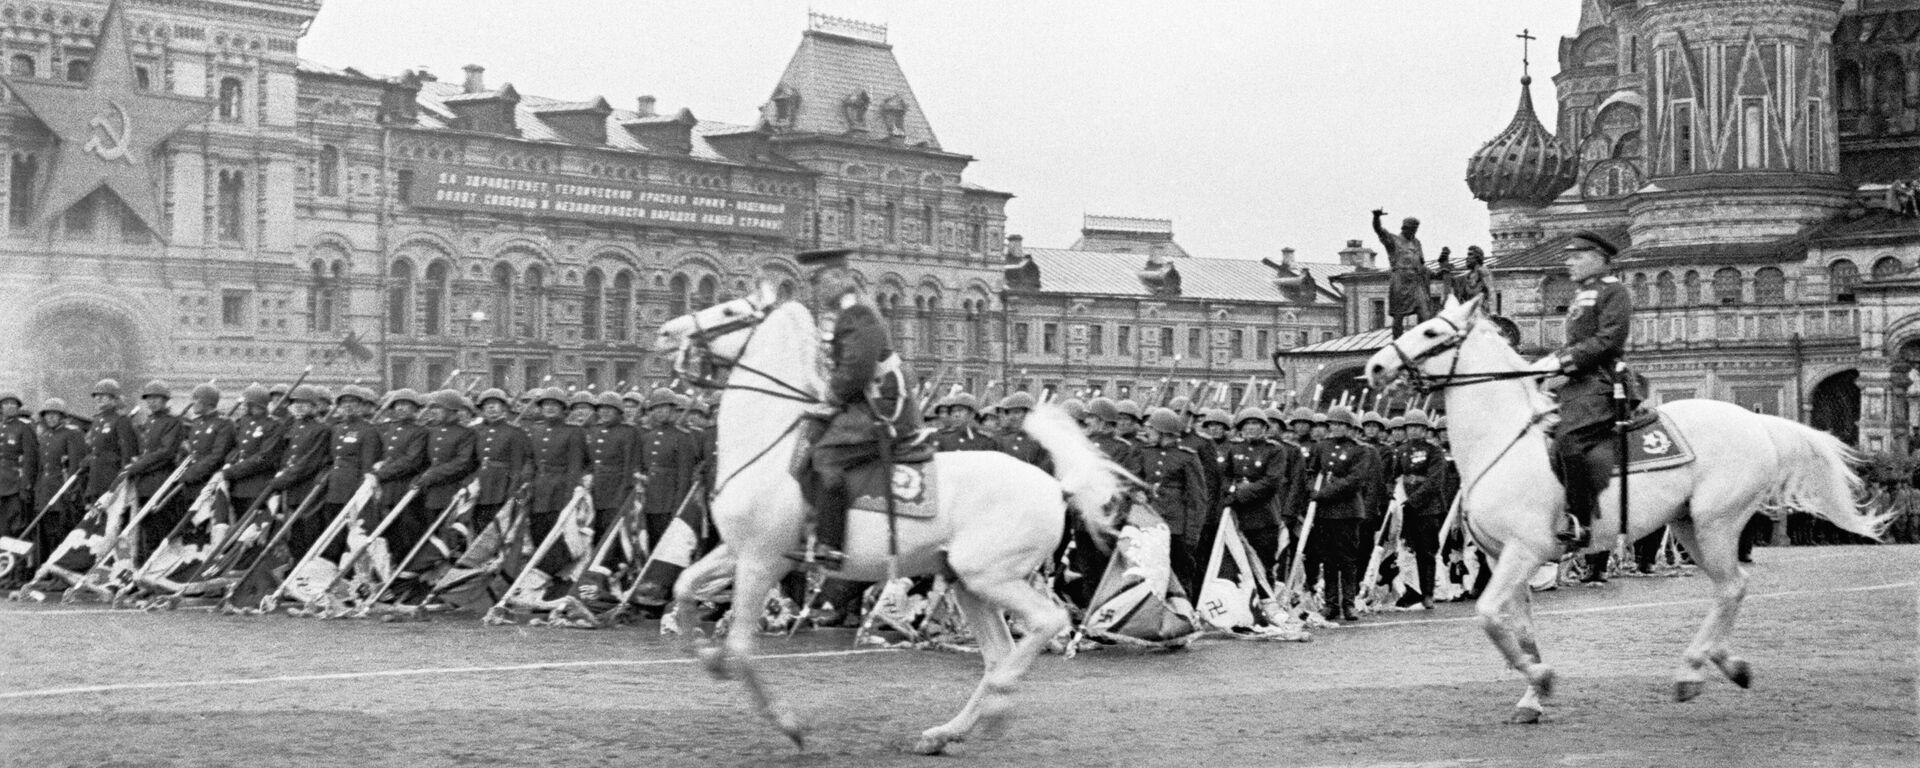 Парад на Красной площади в ознаменование победы СССР над Германией в Великой Отечественной войне (24 июня 1945). Москвa - Sputnik Արմենիա, 1920, 22.06.2021